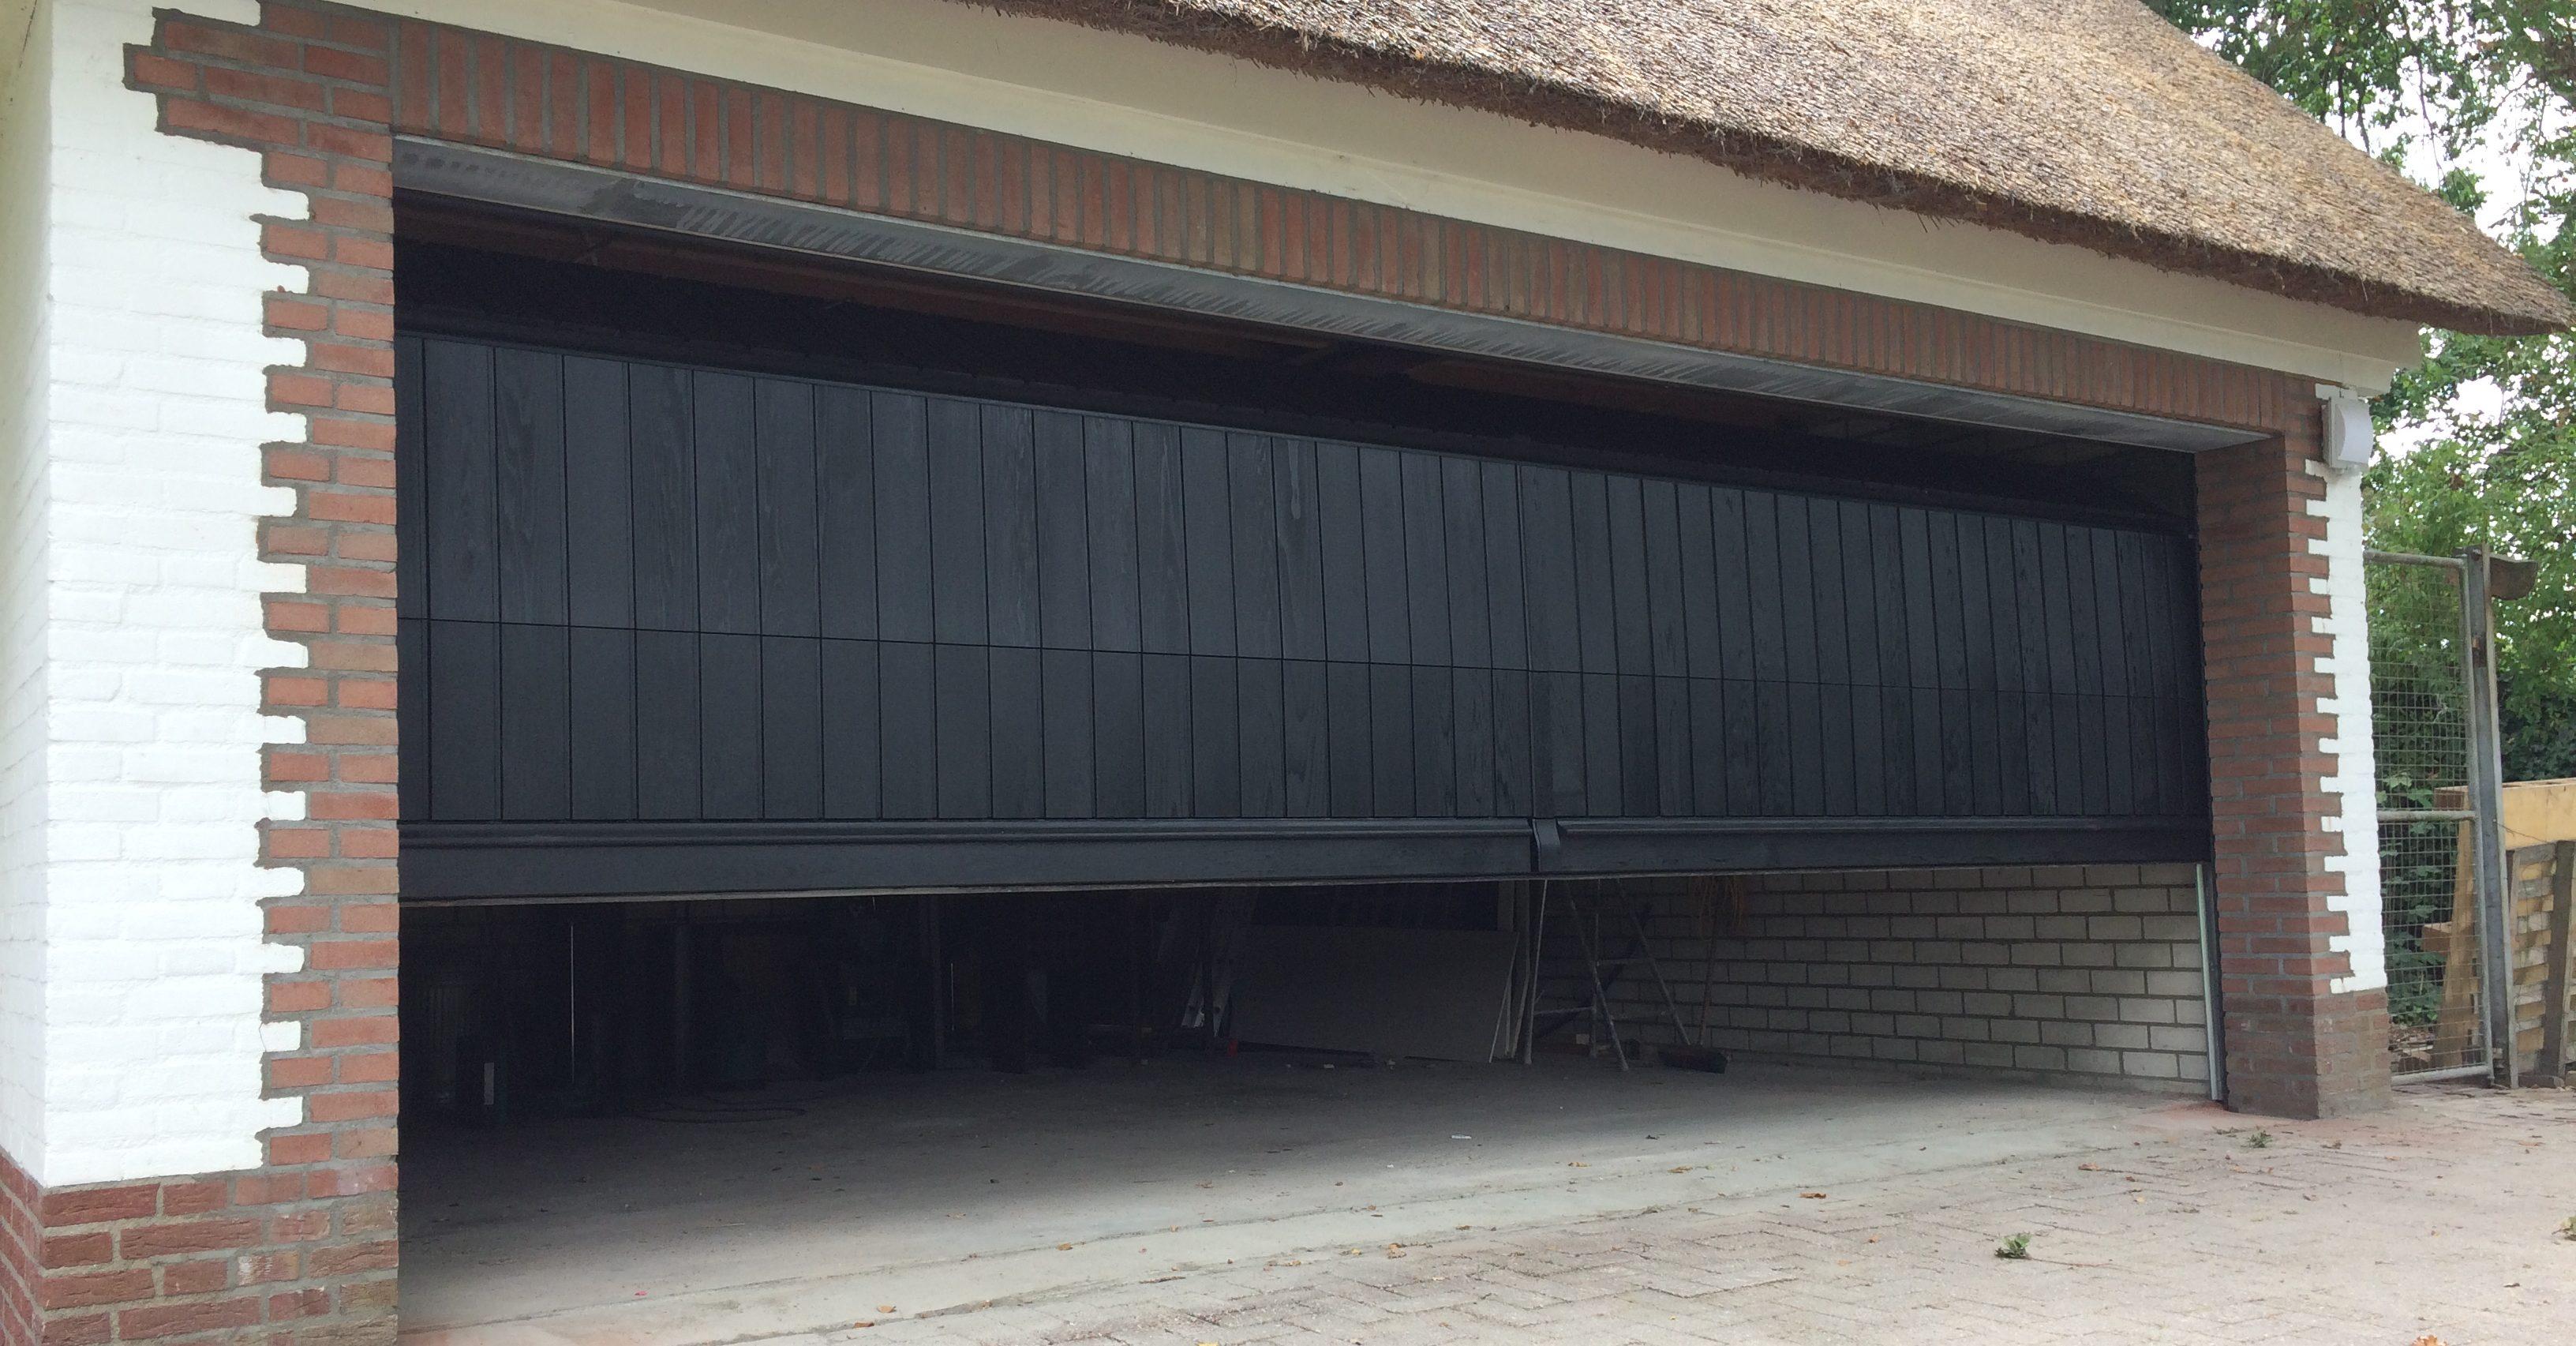 sectionaaldeur verticale delen Red Cedar